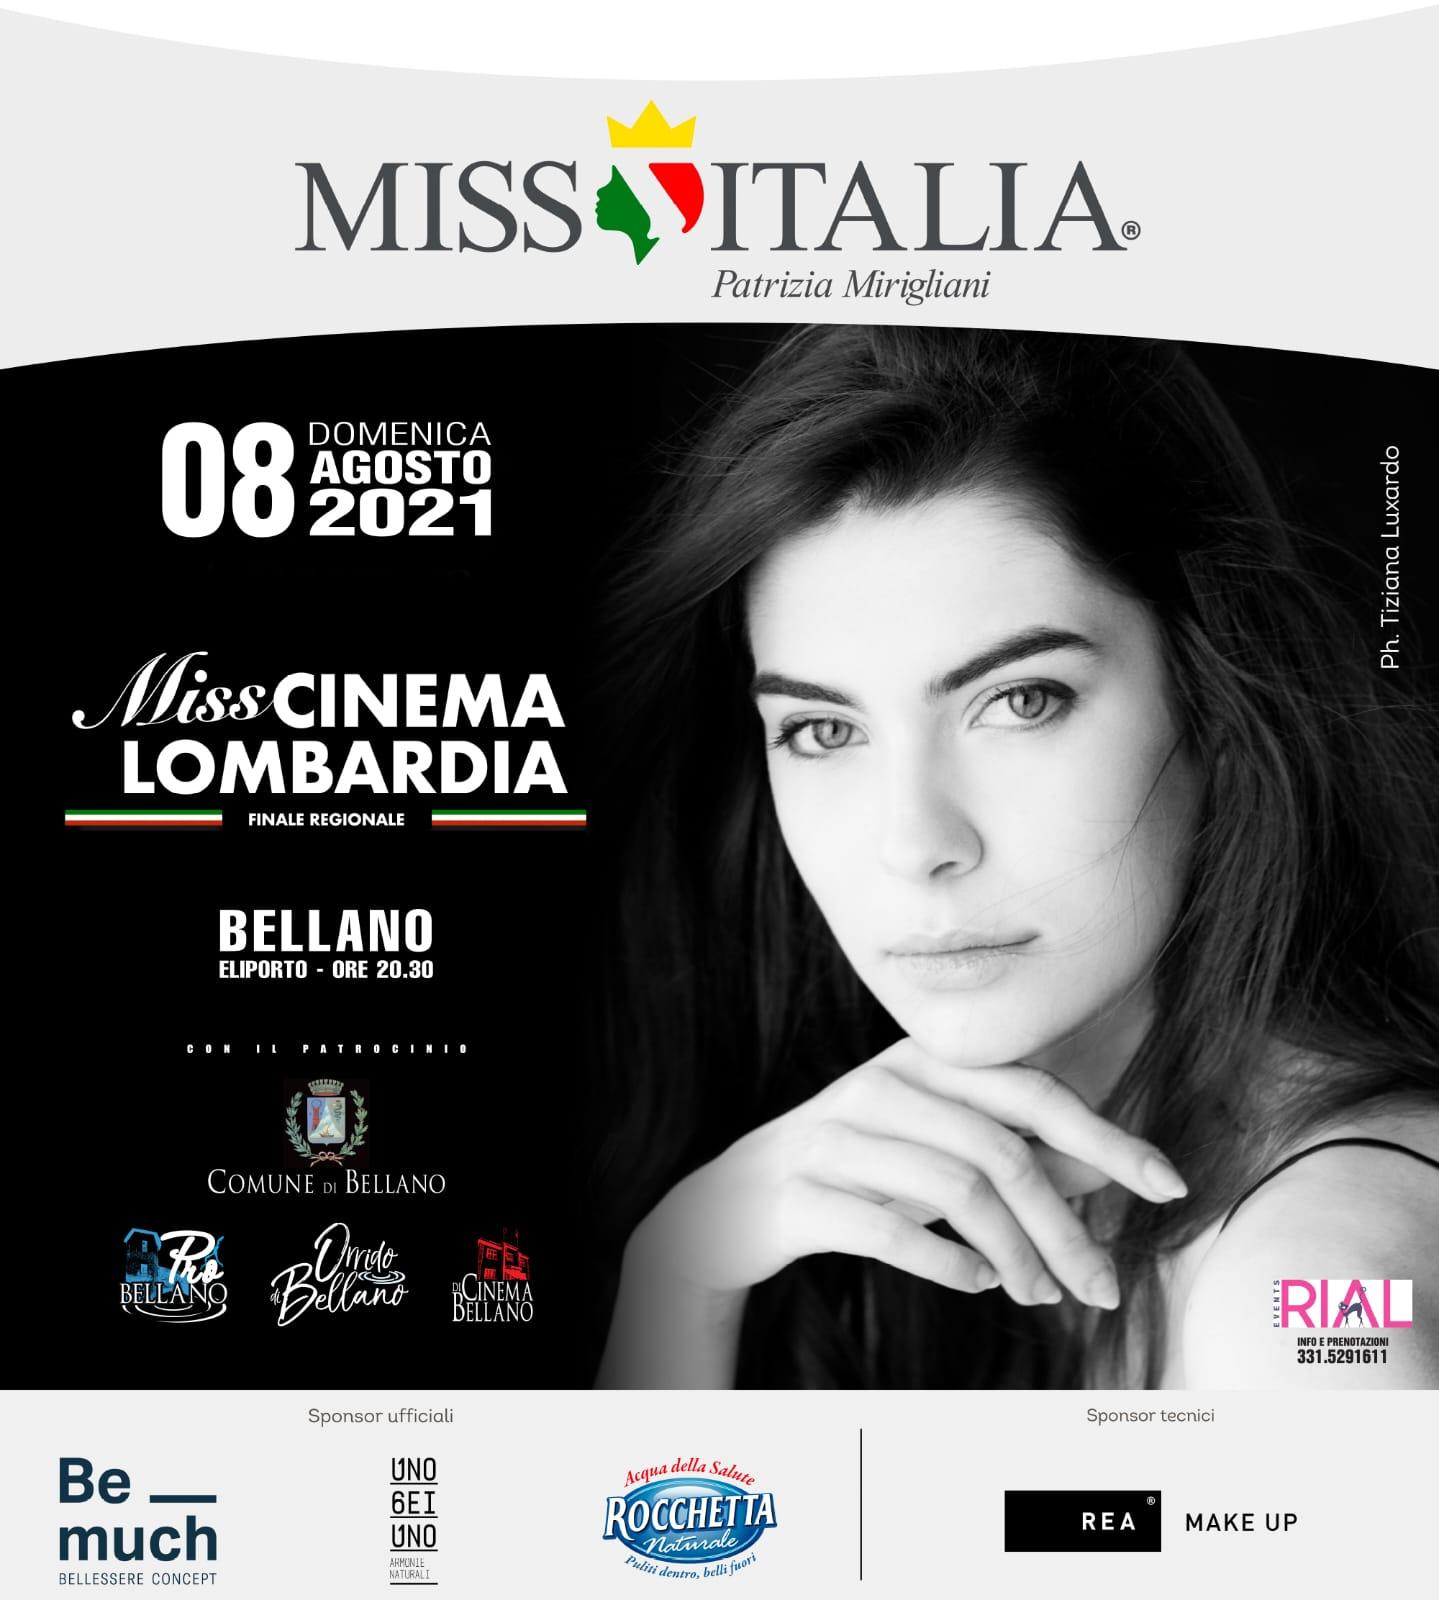 Miss Cinema Lombardia